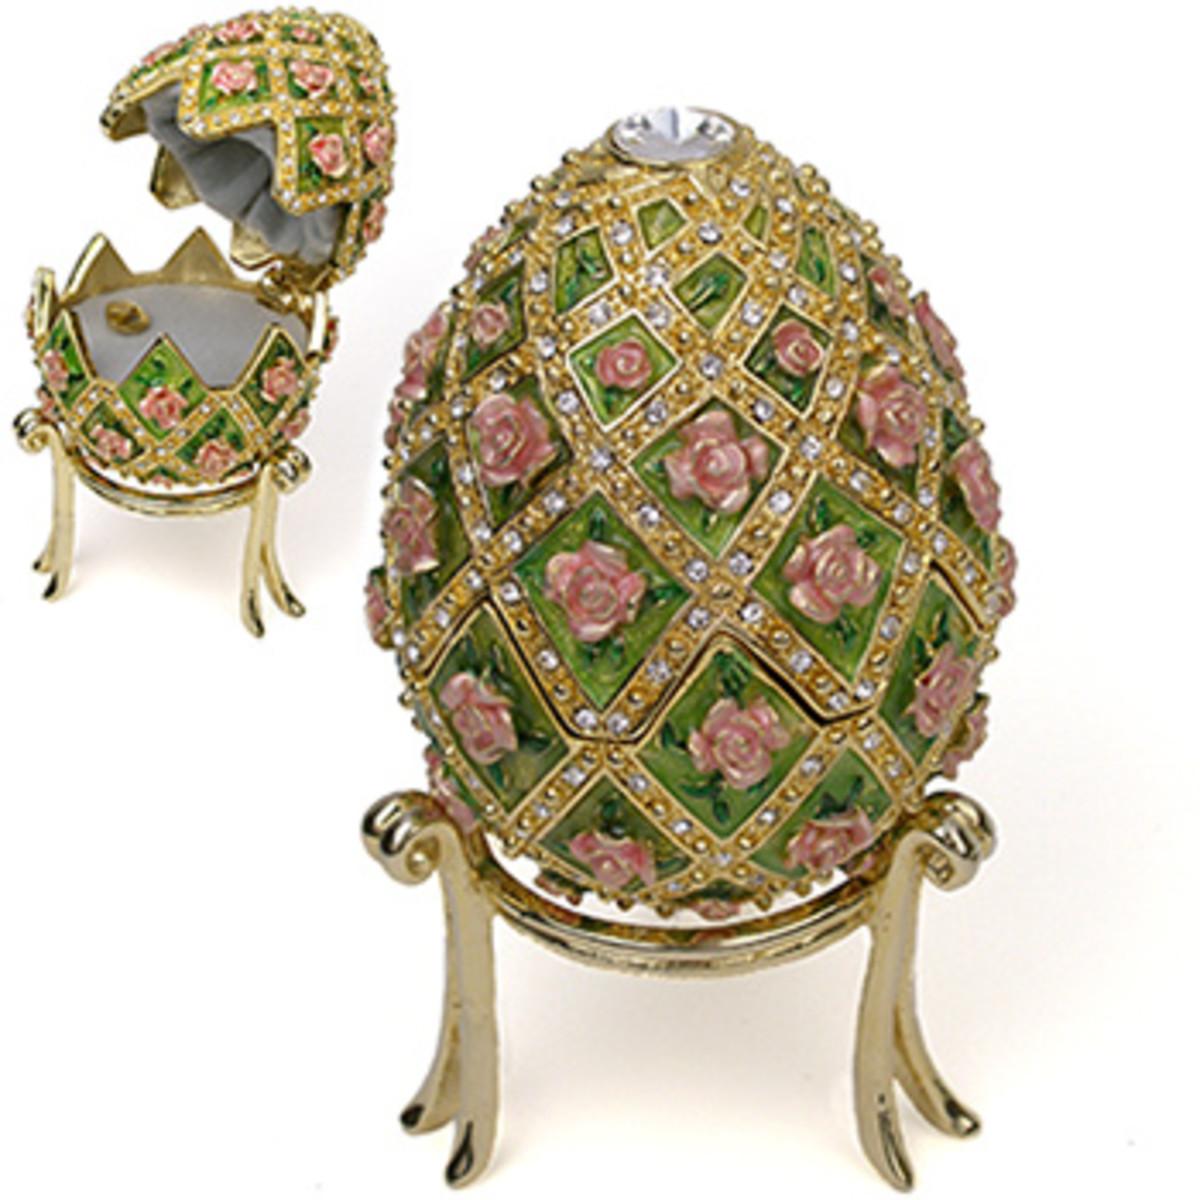 Rose Trellis Egg (1907)